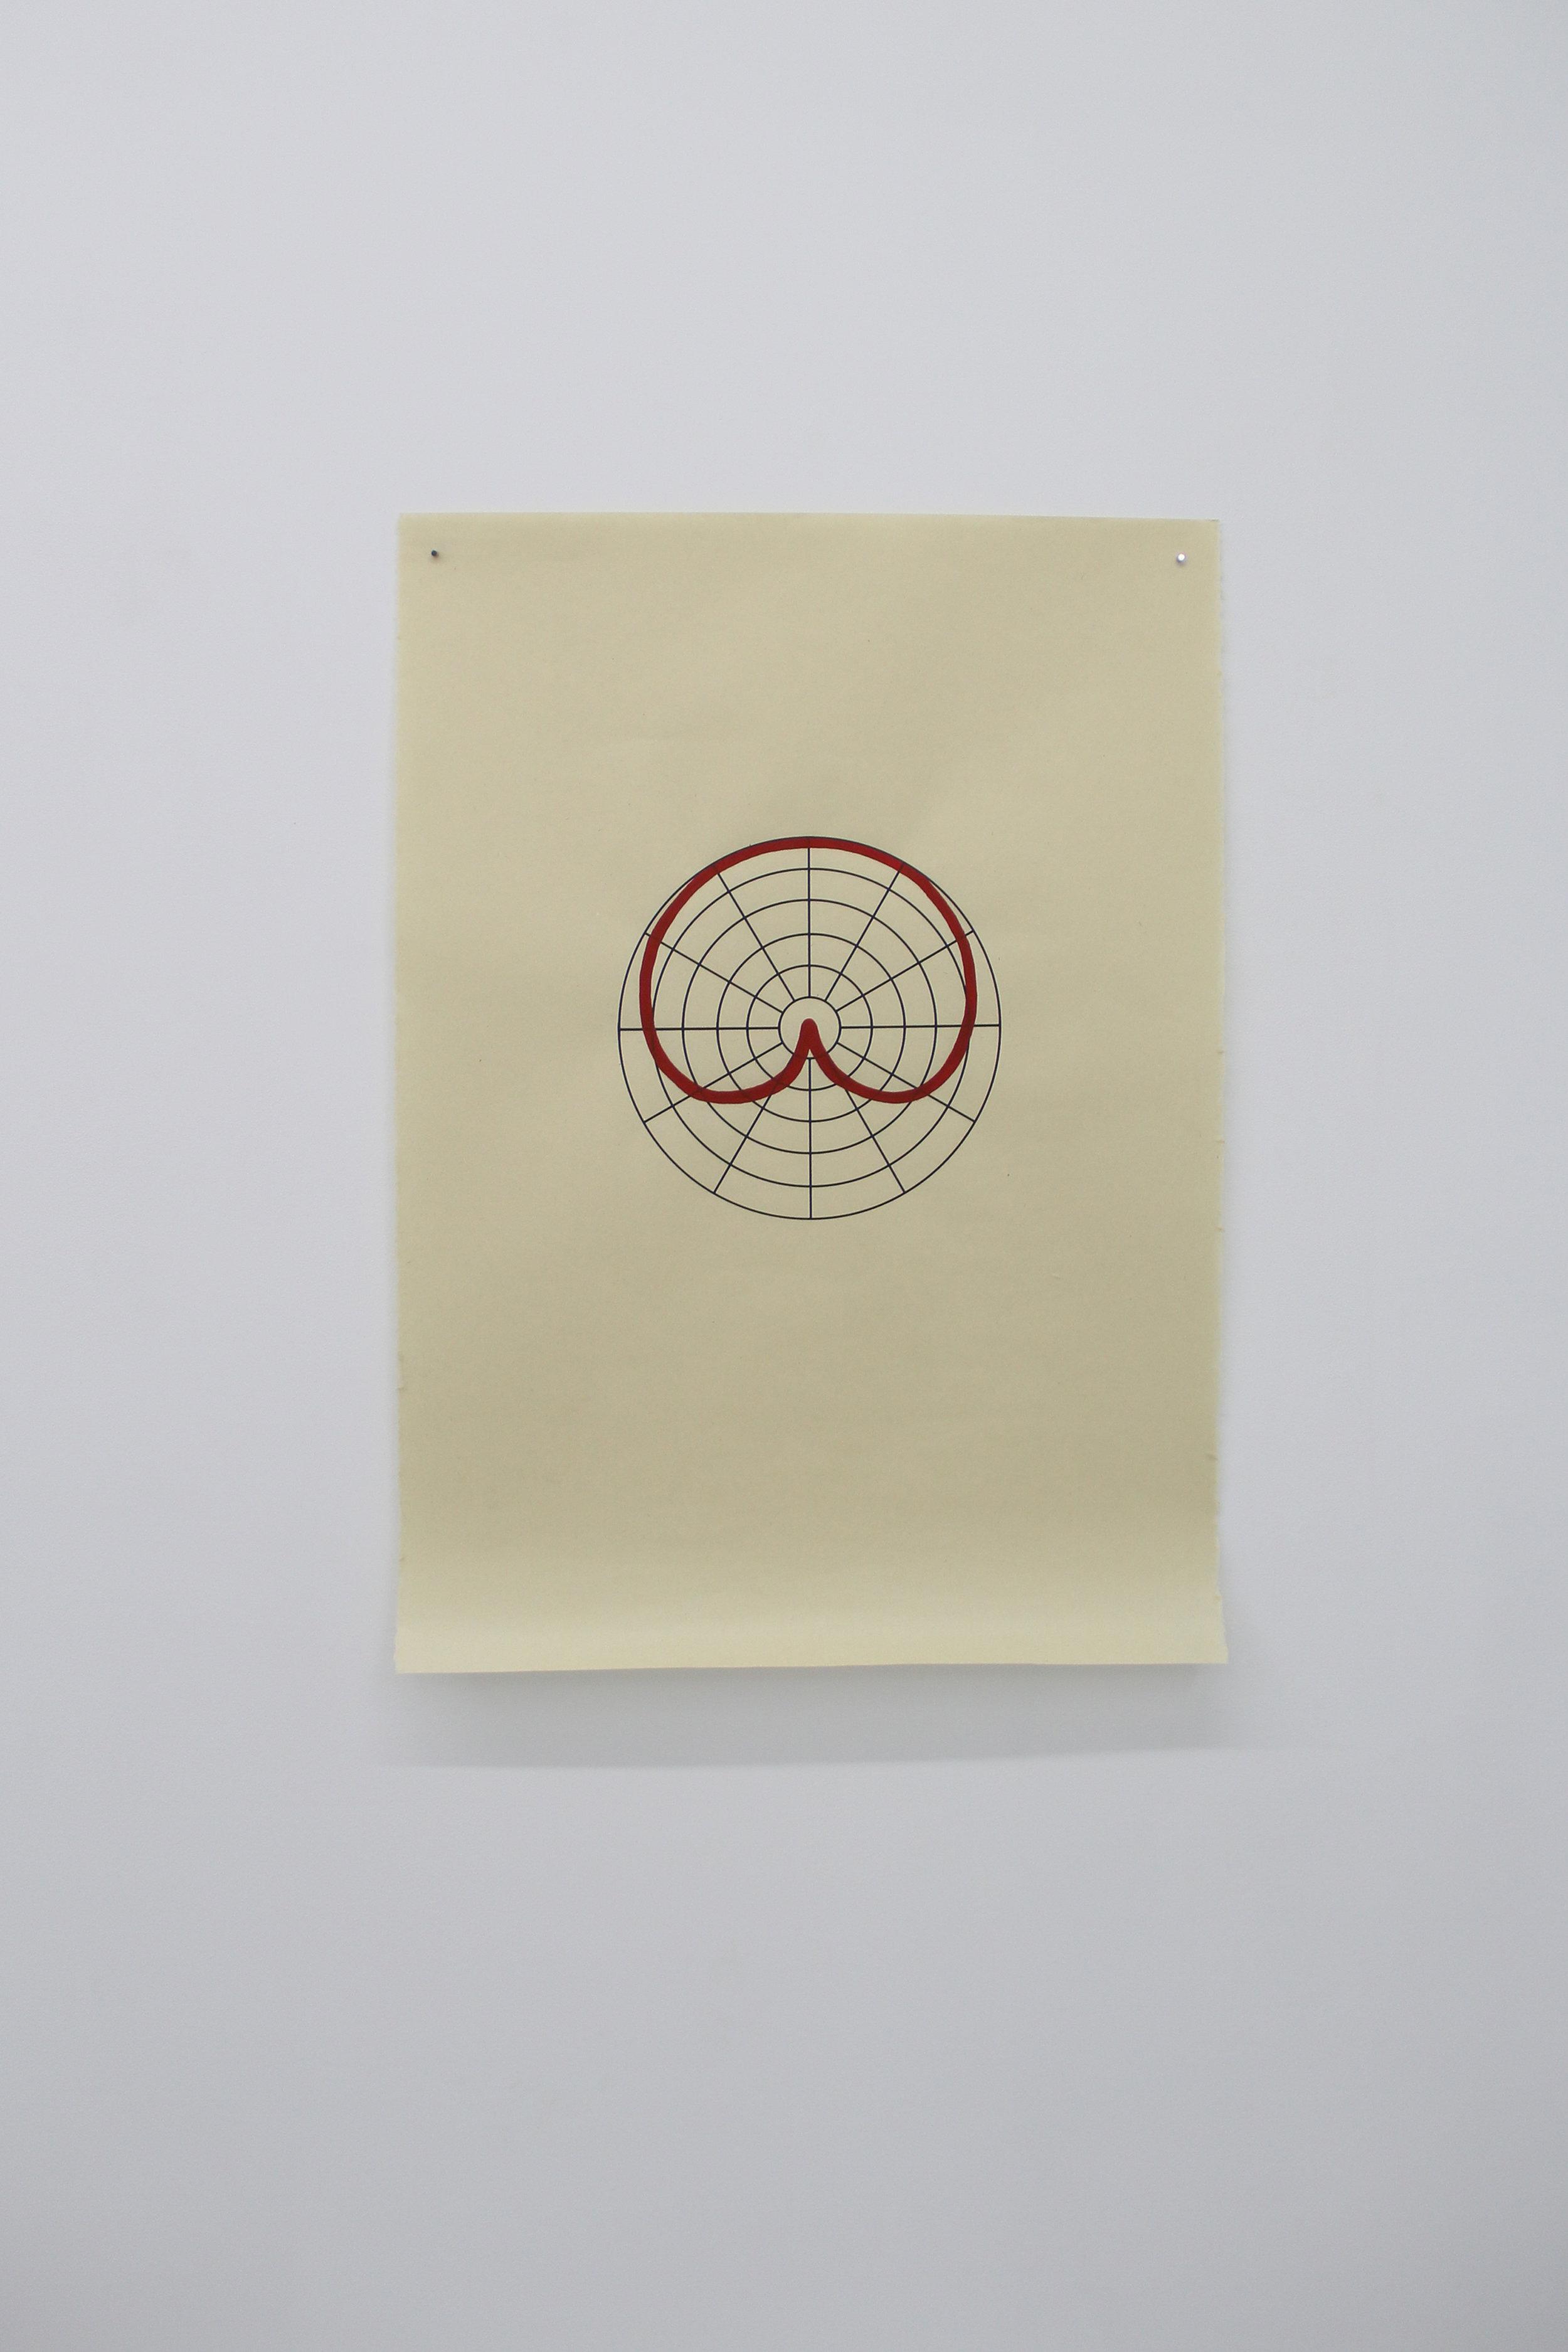 Antonin Gerson,  Rouge - Cardioïde,  Sérigraphie, gouache, 58x84cm, 2018